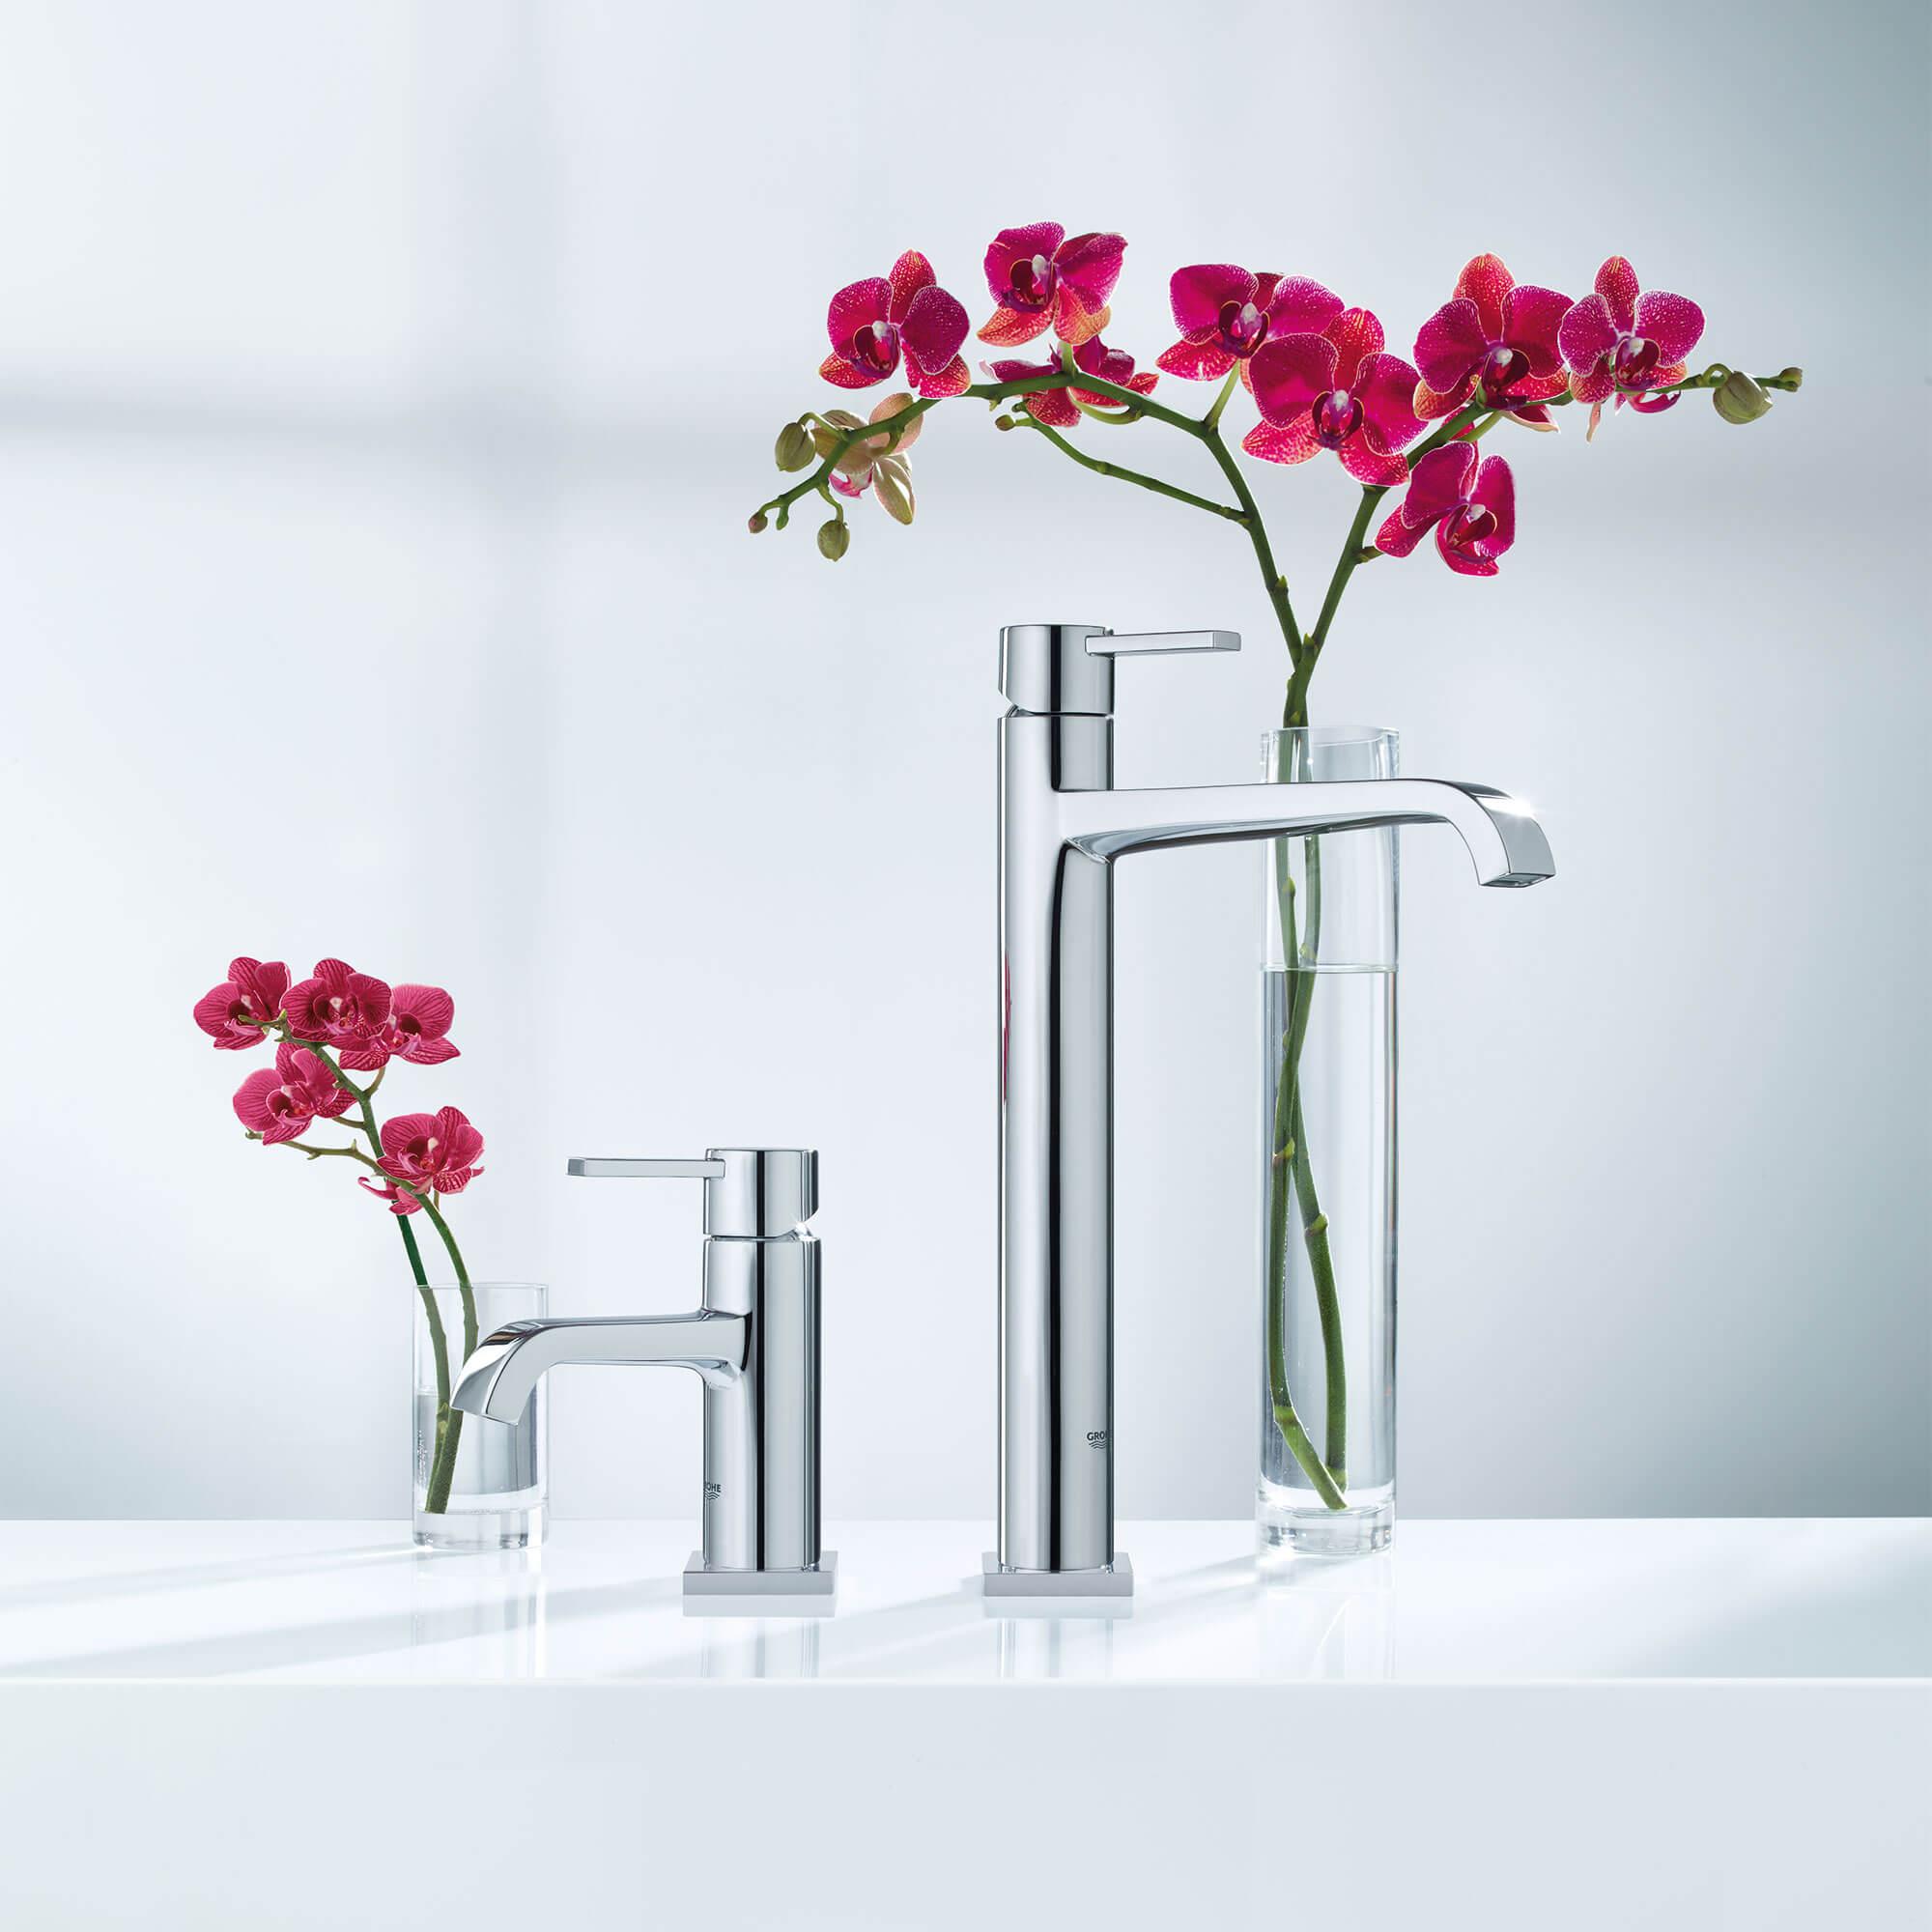 La taille des robinets va du plus petit au plus grand à côté des vases à fleurs.